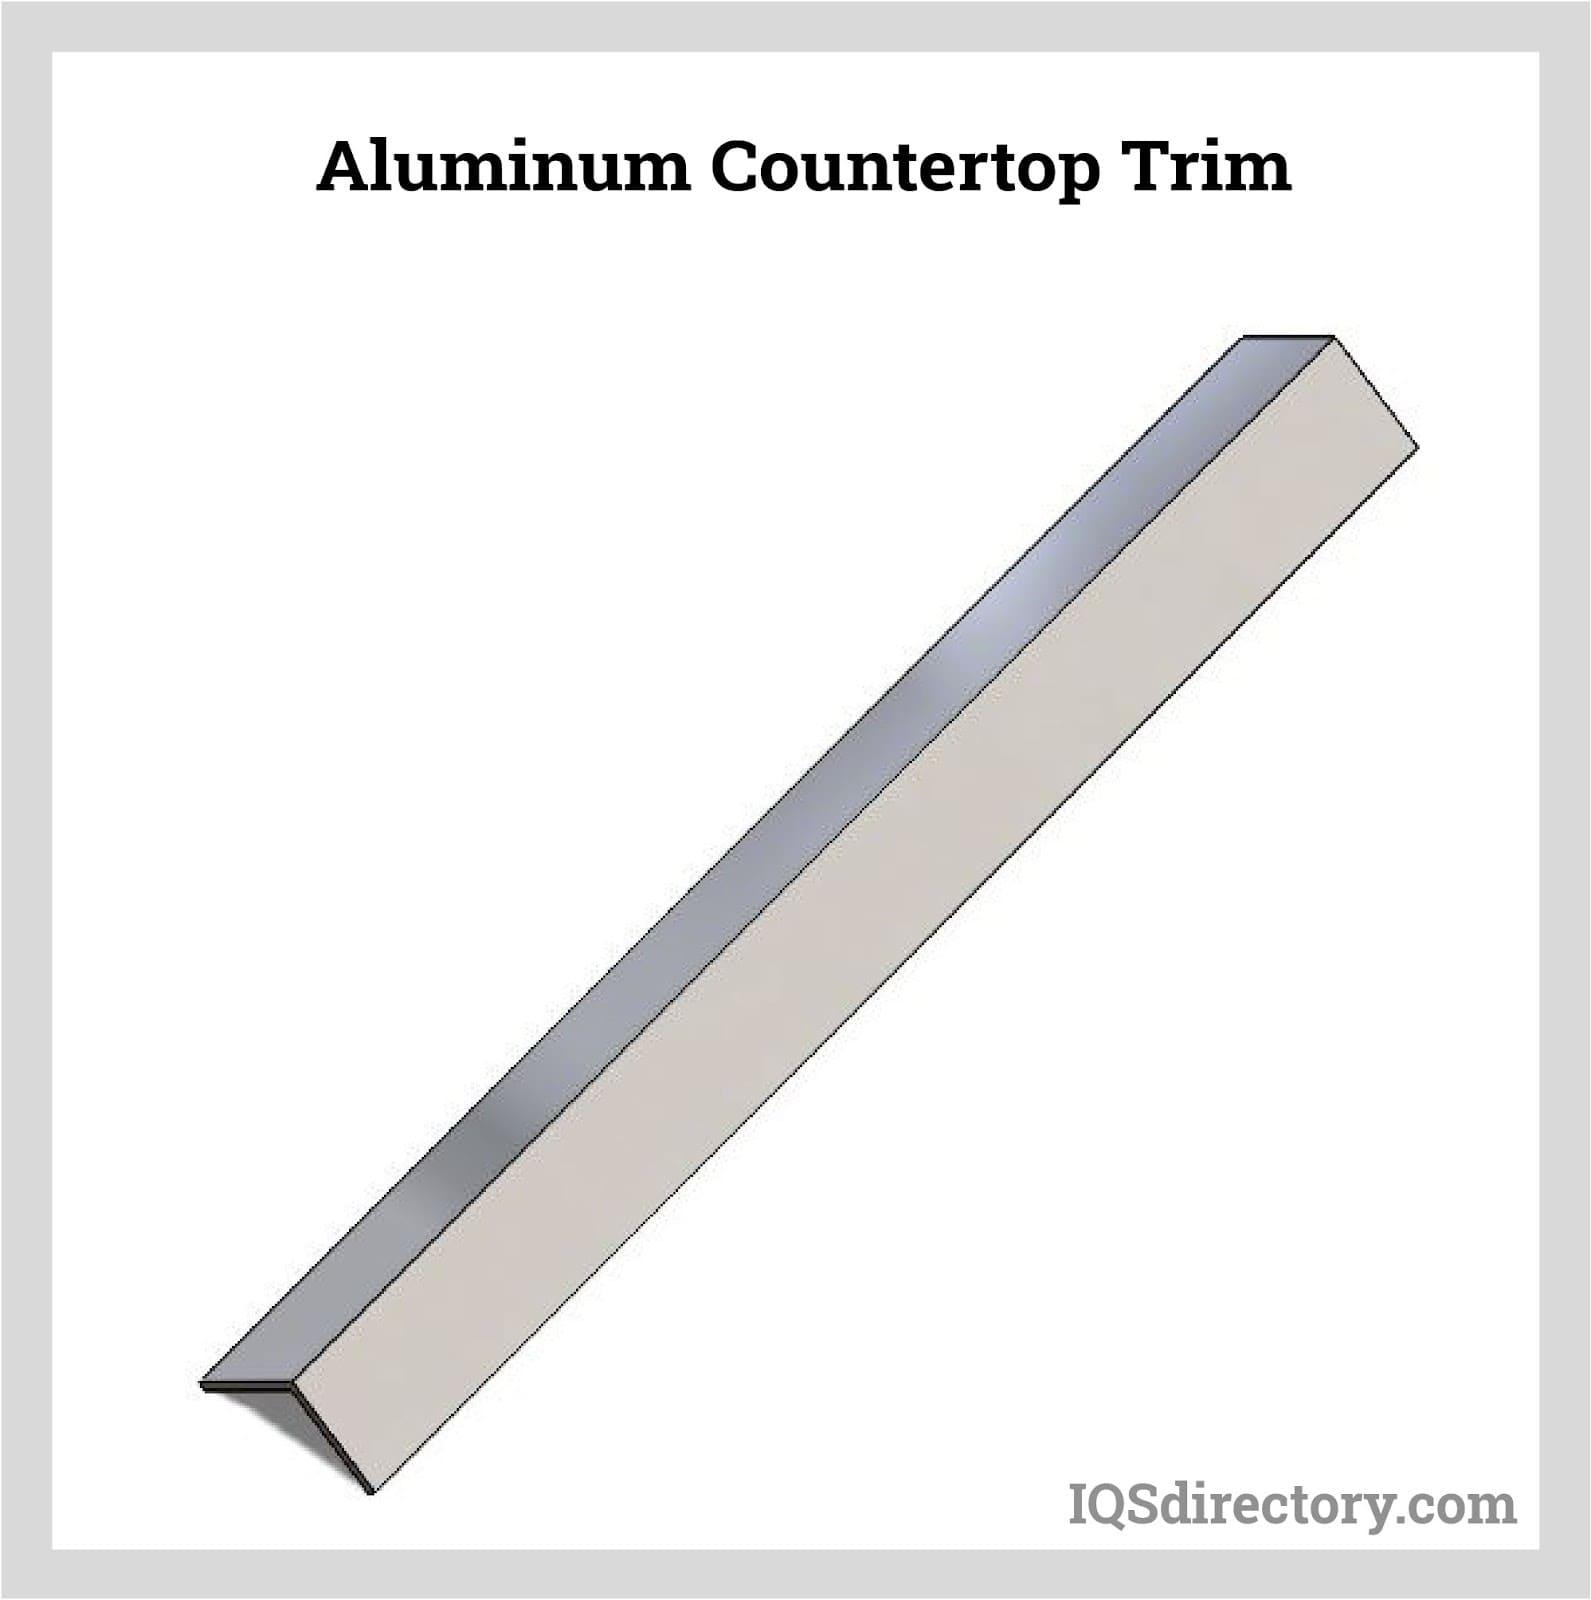 Aluminum Countertop Trim